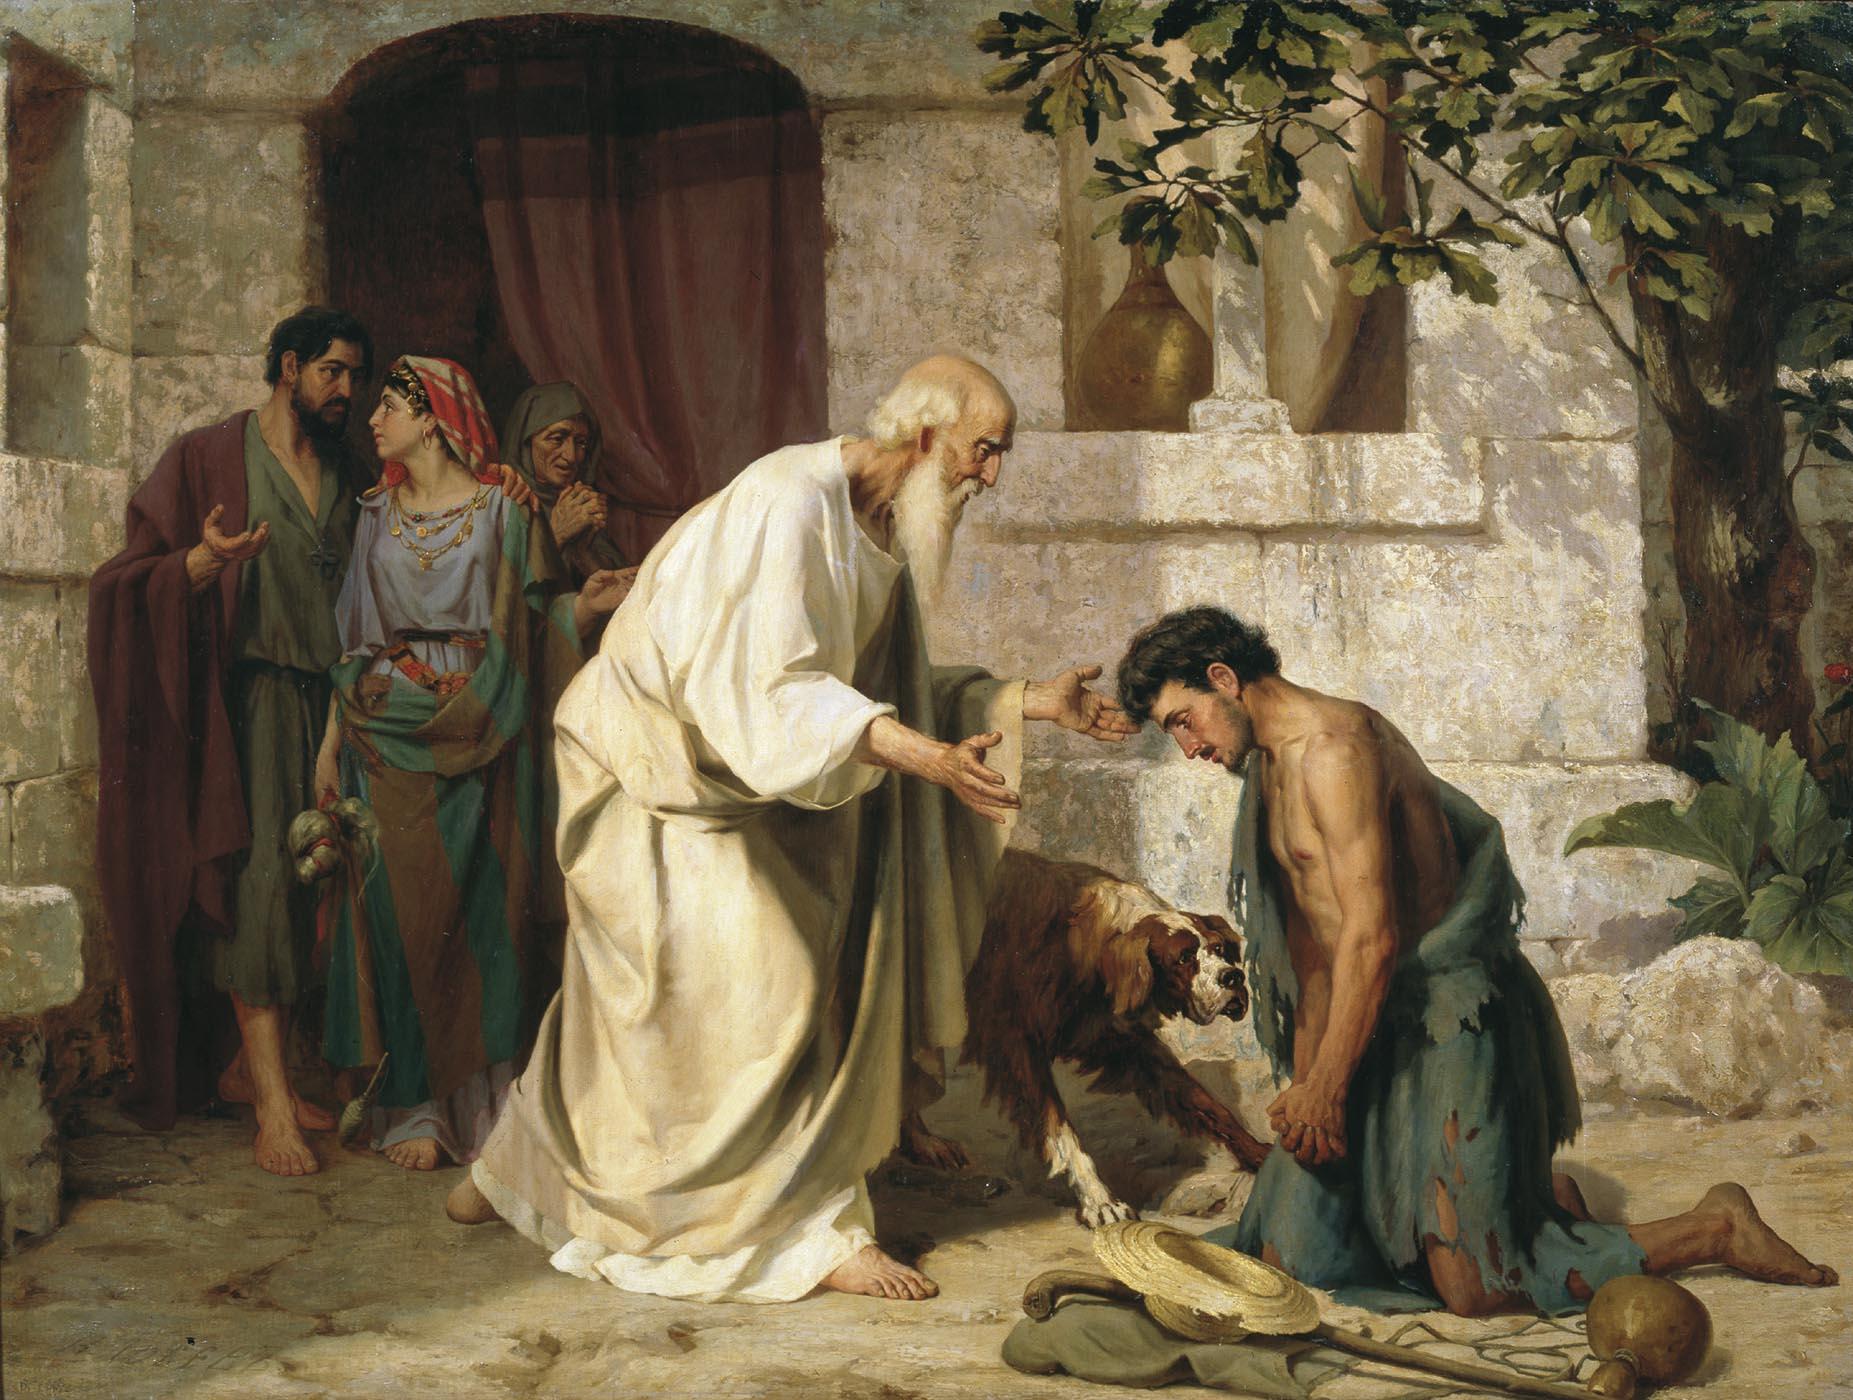 дела иисуса картинки самом деле, успех